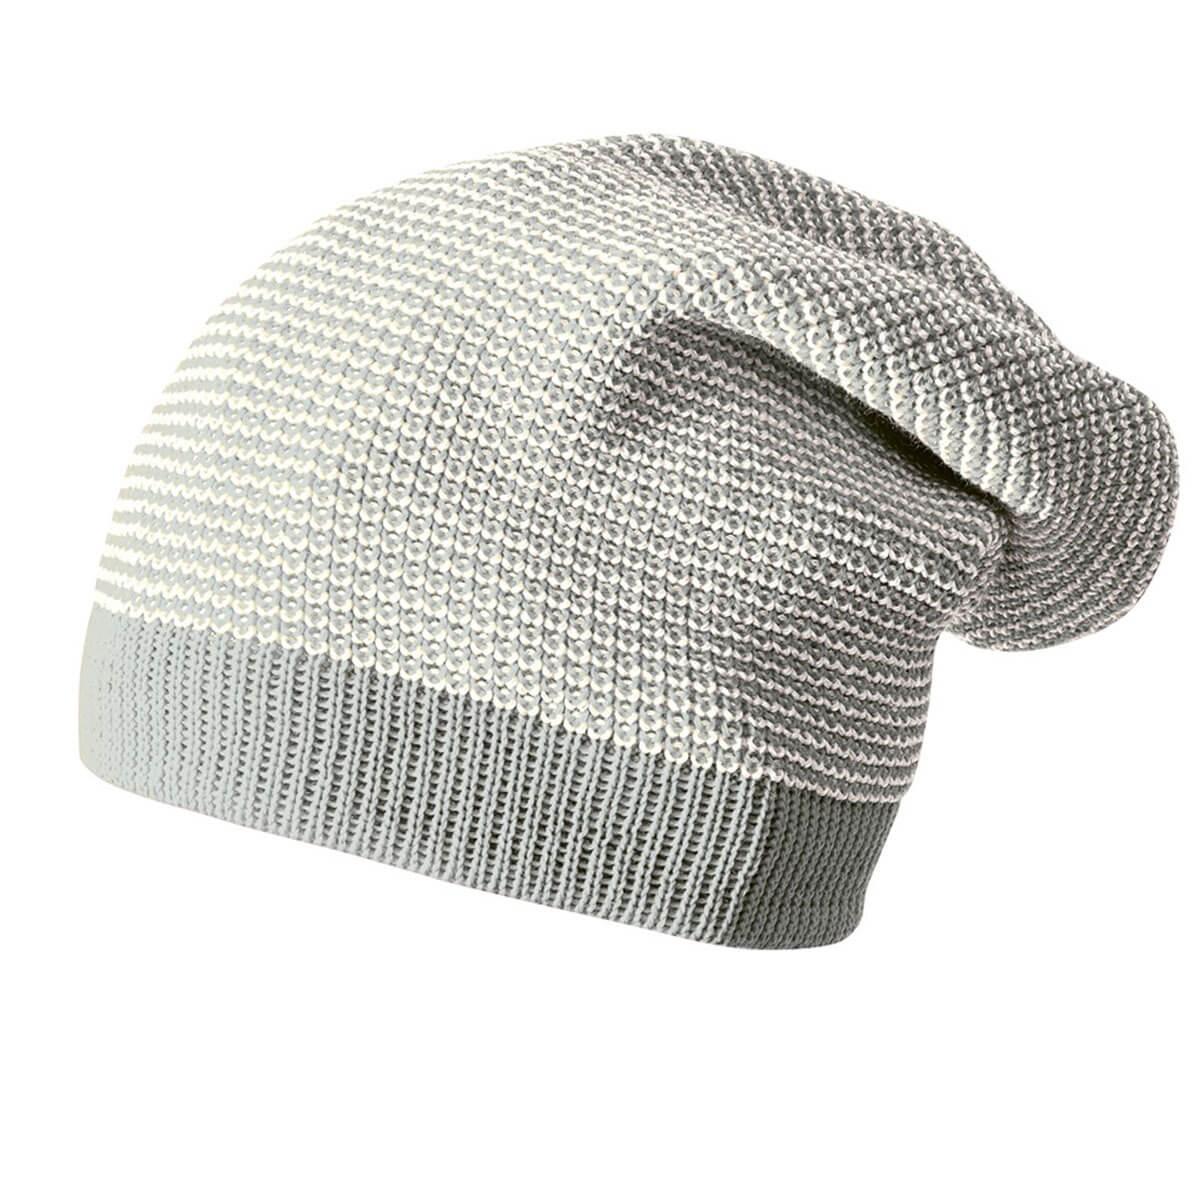 Disana Beanie Winter Hat for Boys and Girls Made of 100/% Organic Merino Wool